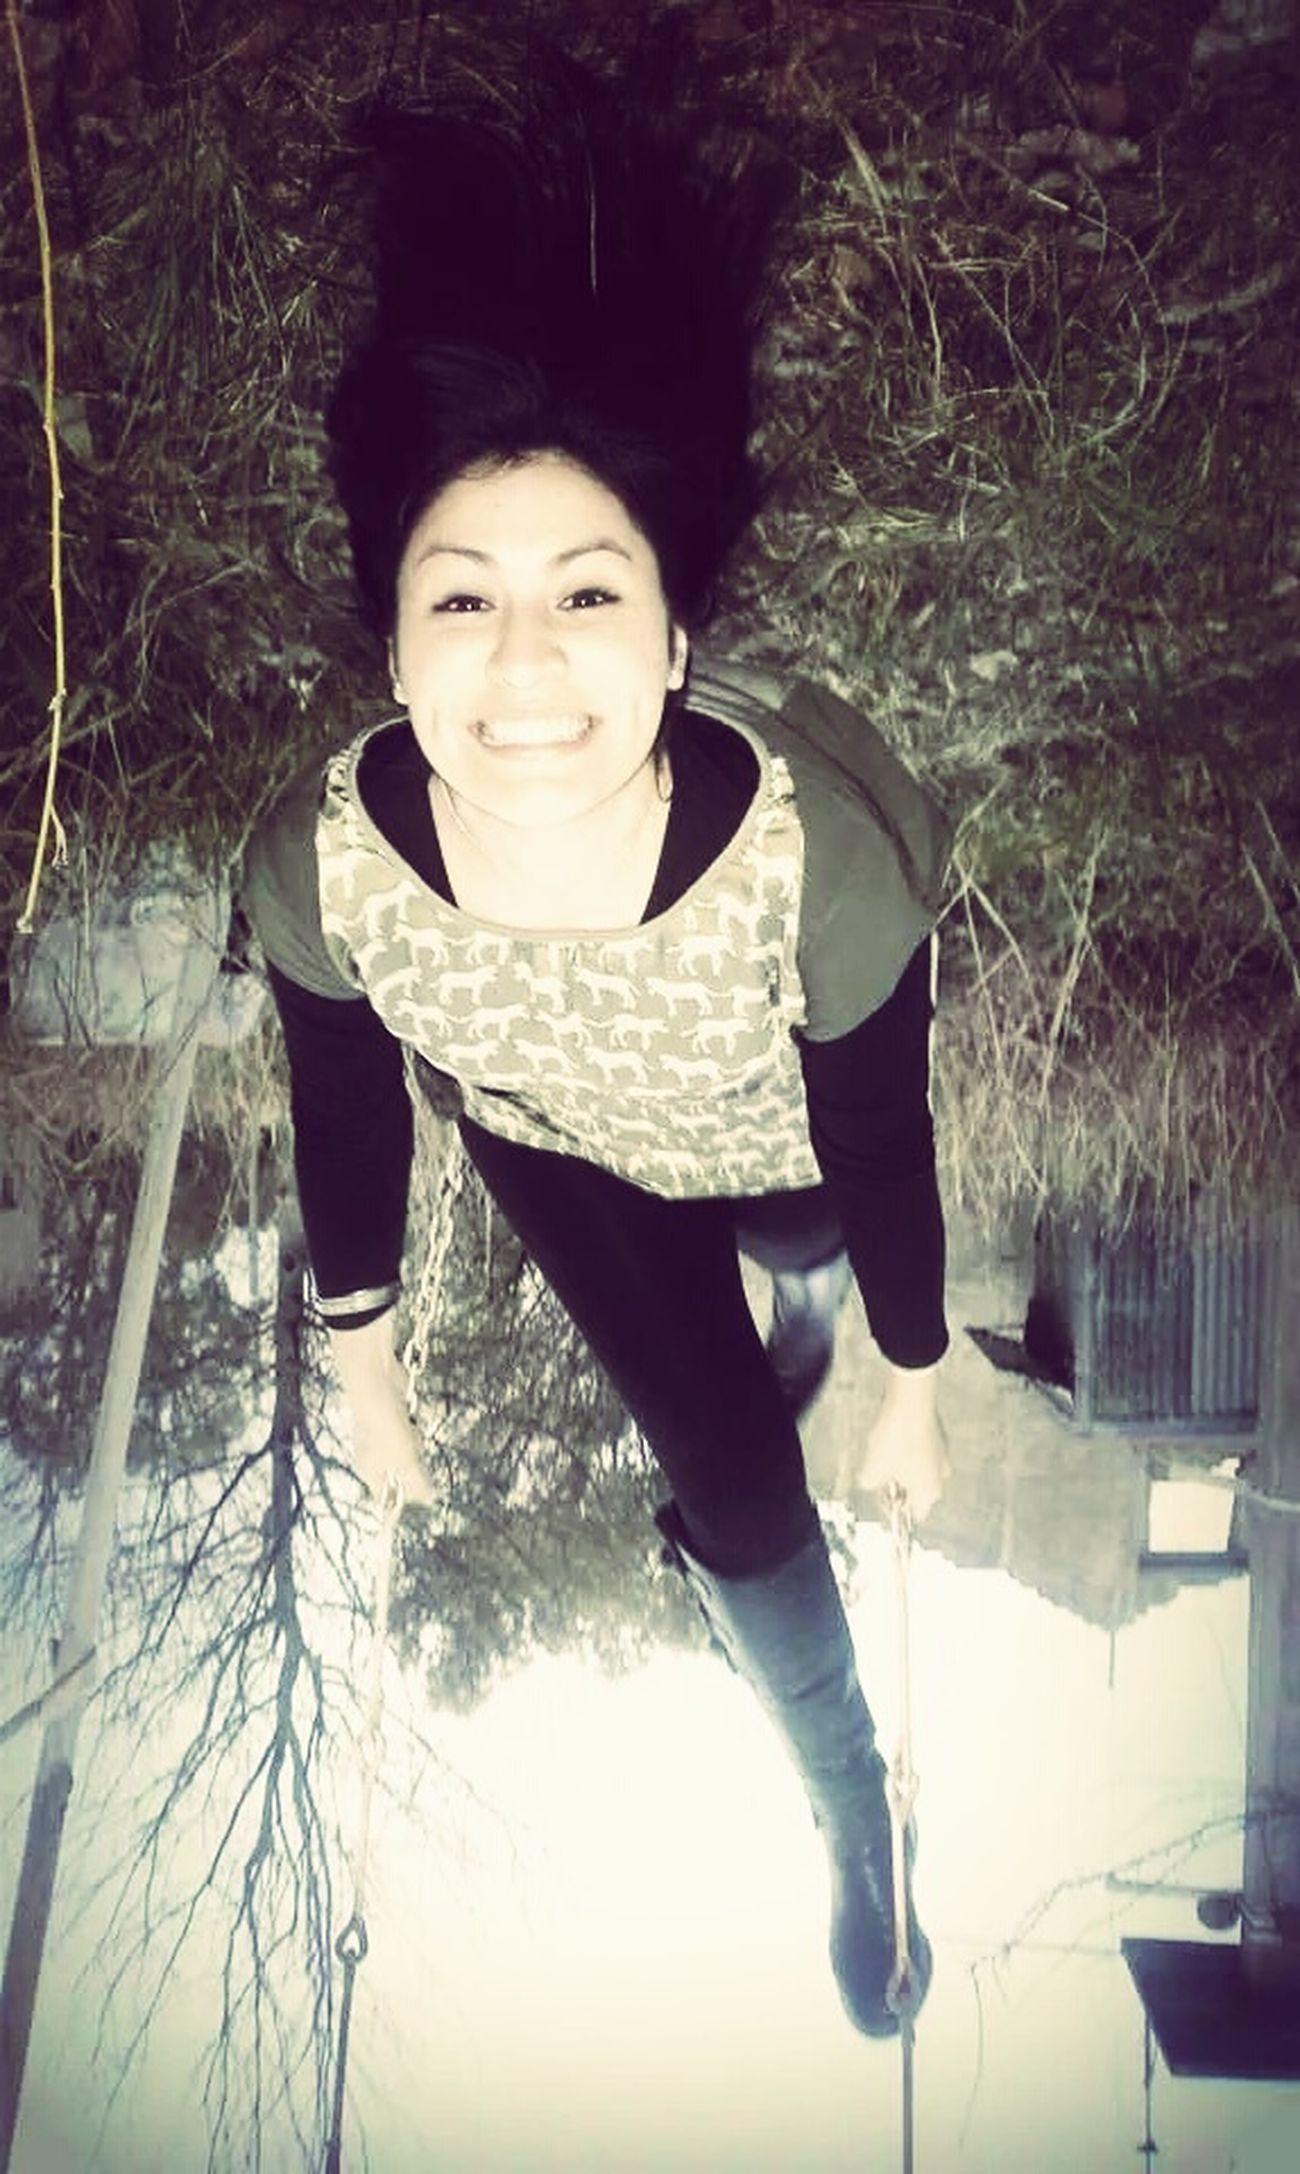 No hay un día que no me saques una sonrisa... :-) Me haces muy feliz Mehacesmuyfeliz<3